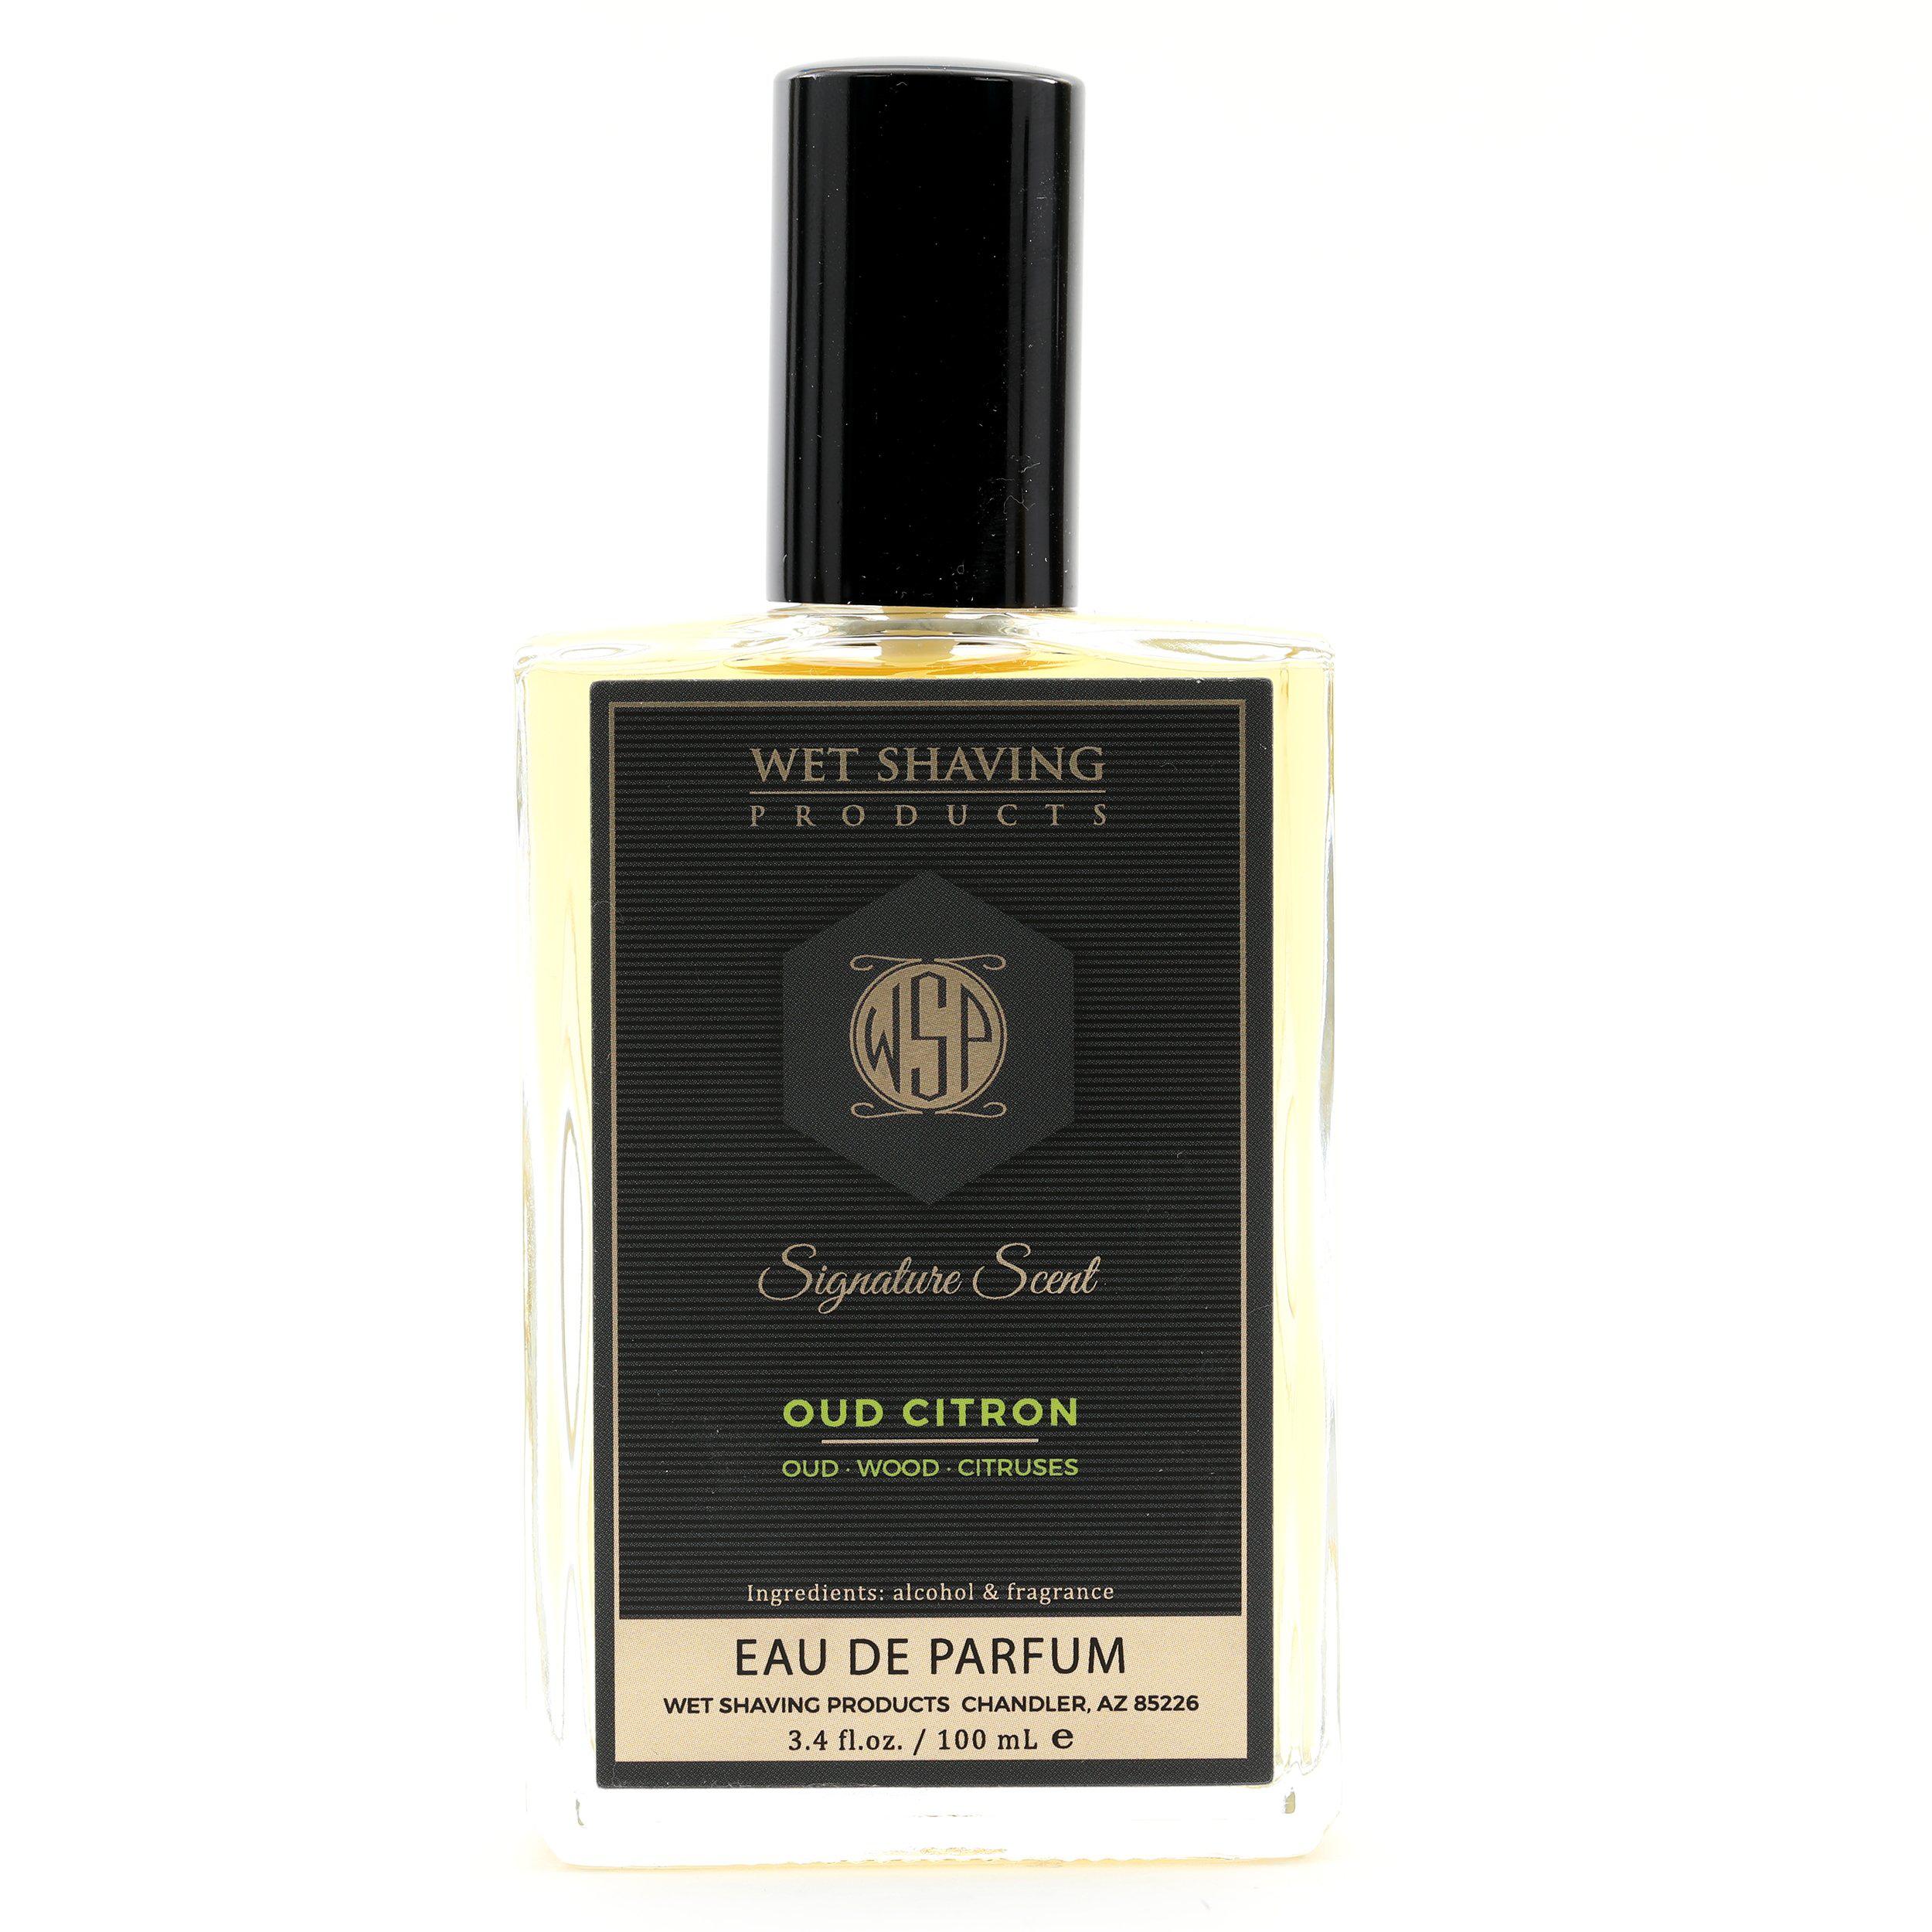 WSP - Oud Citron - Eau de Parfum image